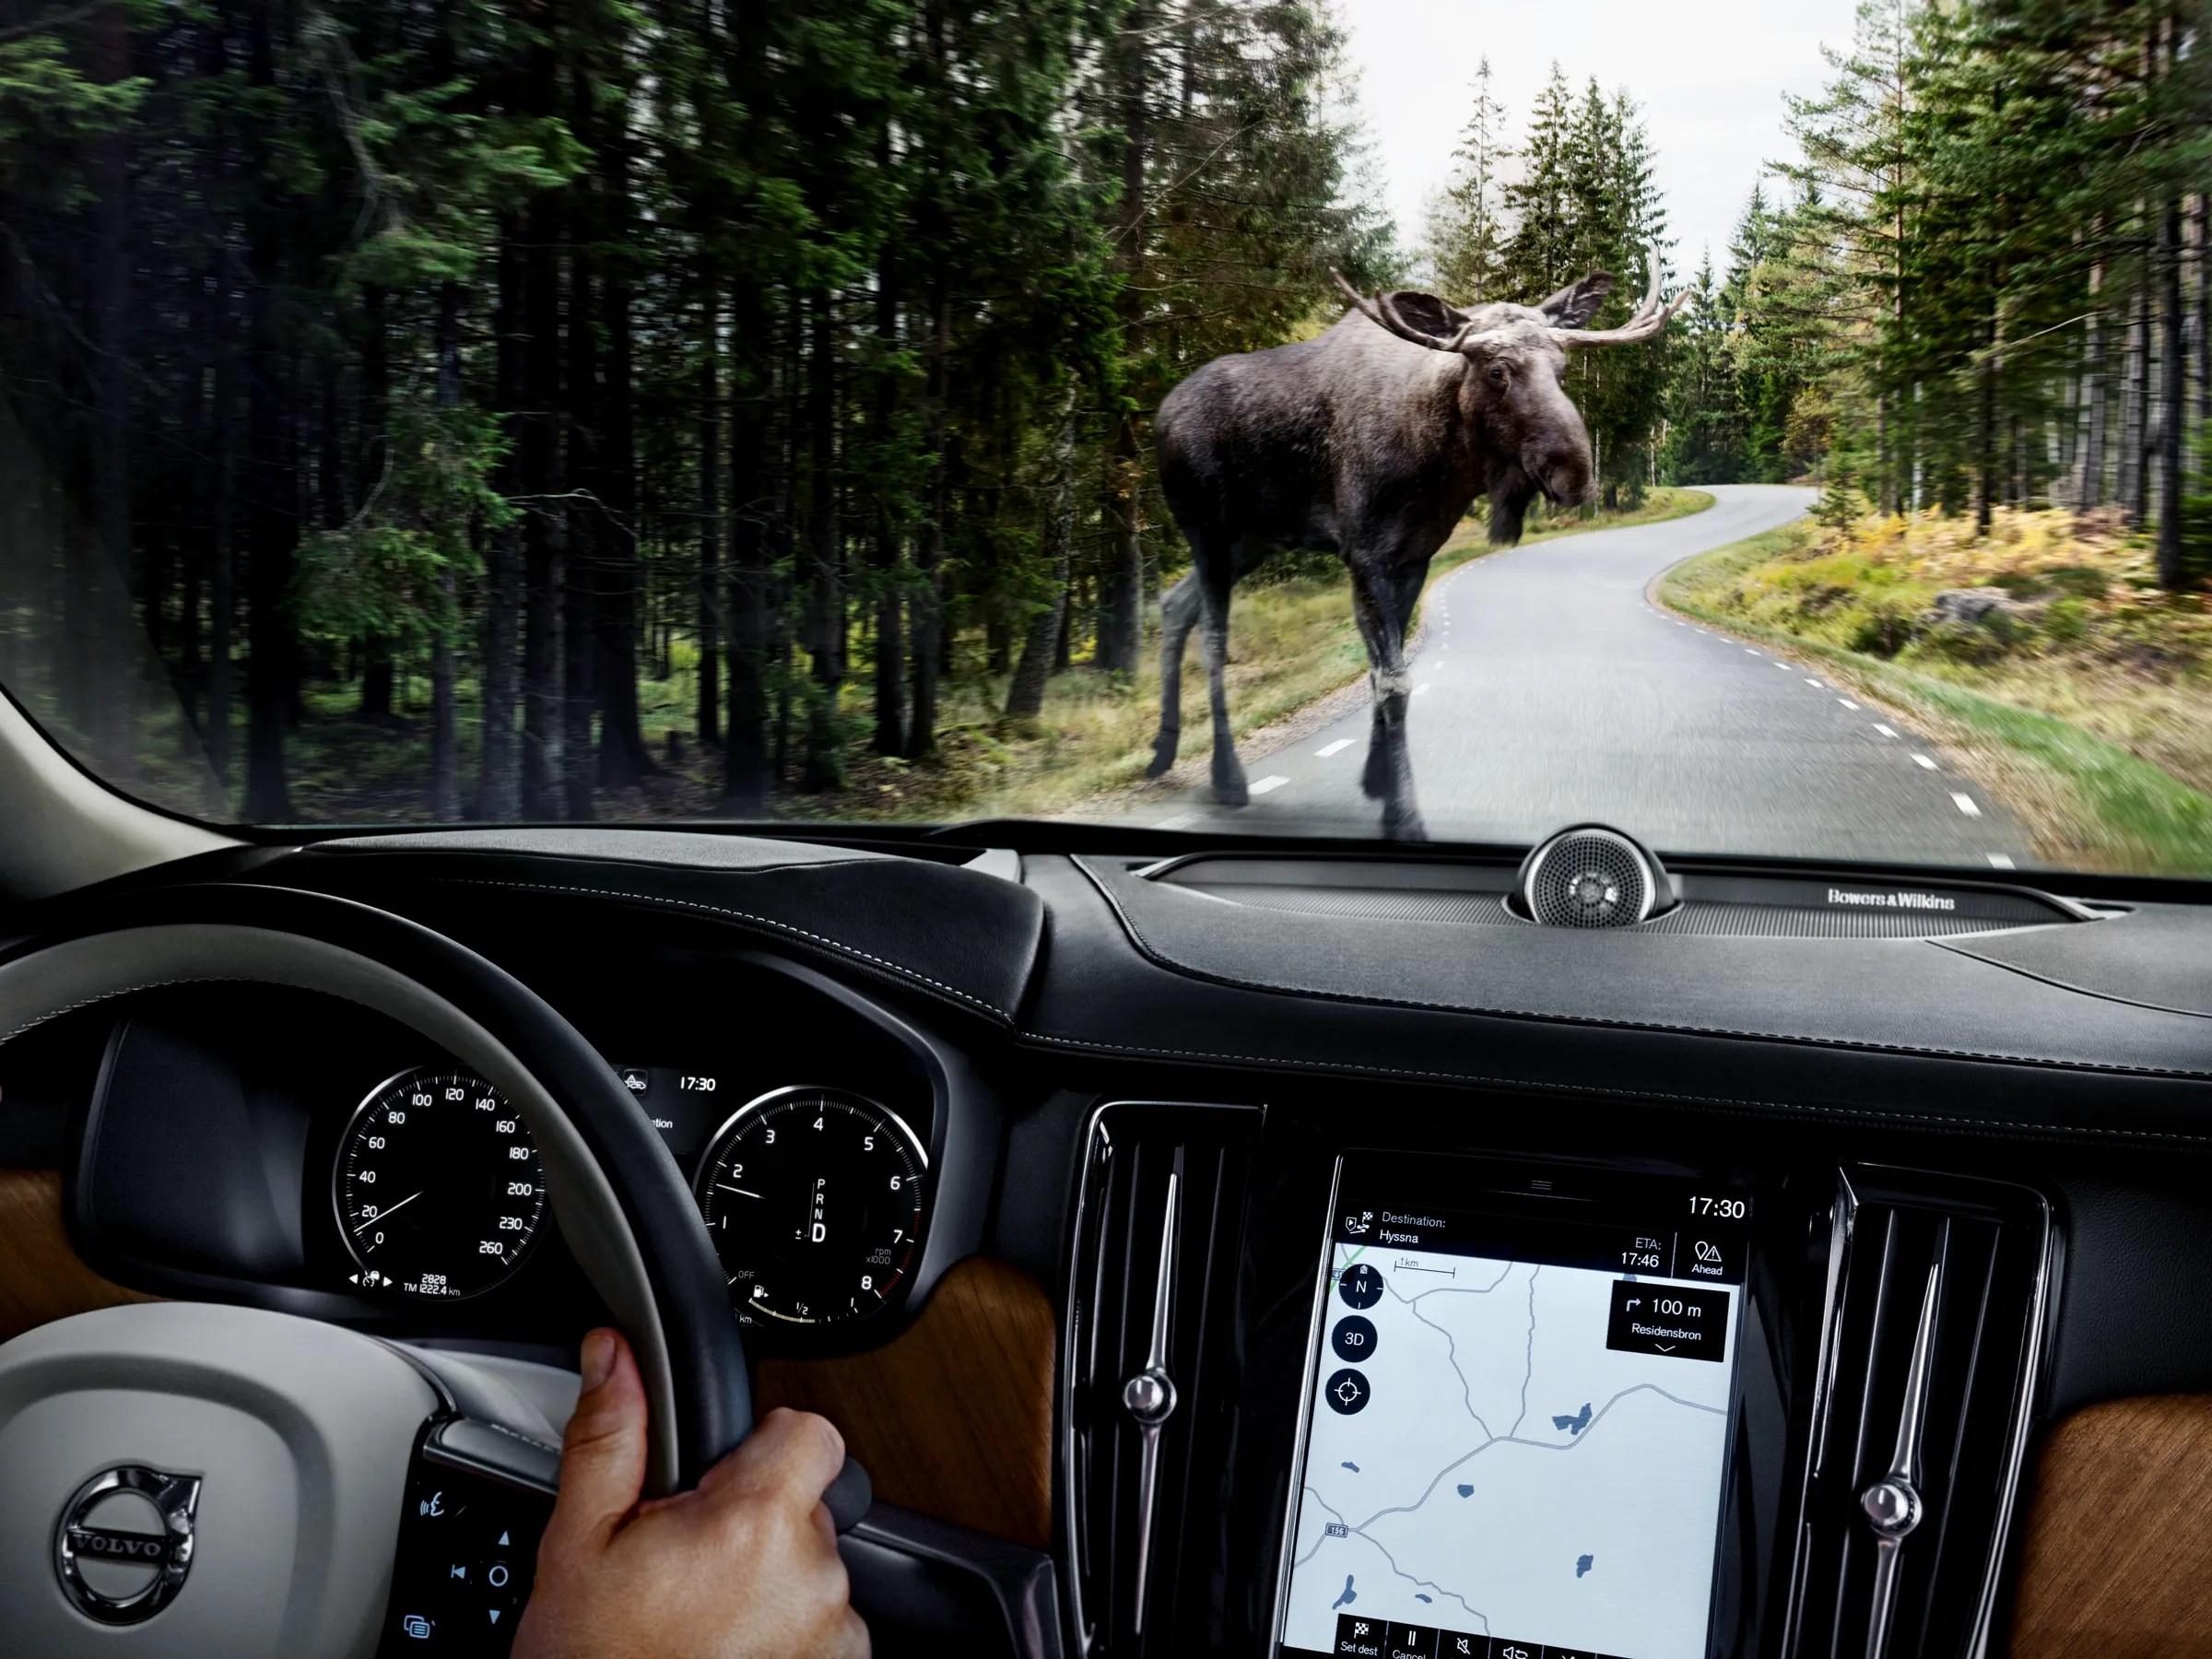 Volvo39s Large Animal Detection System Spots Moose Deer